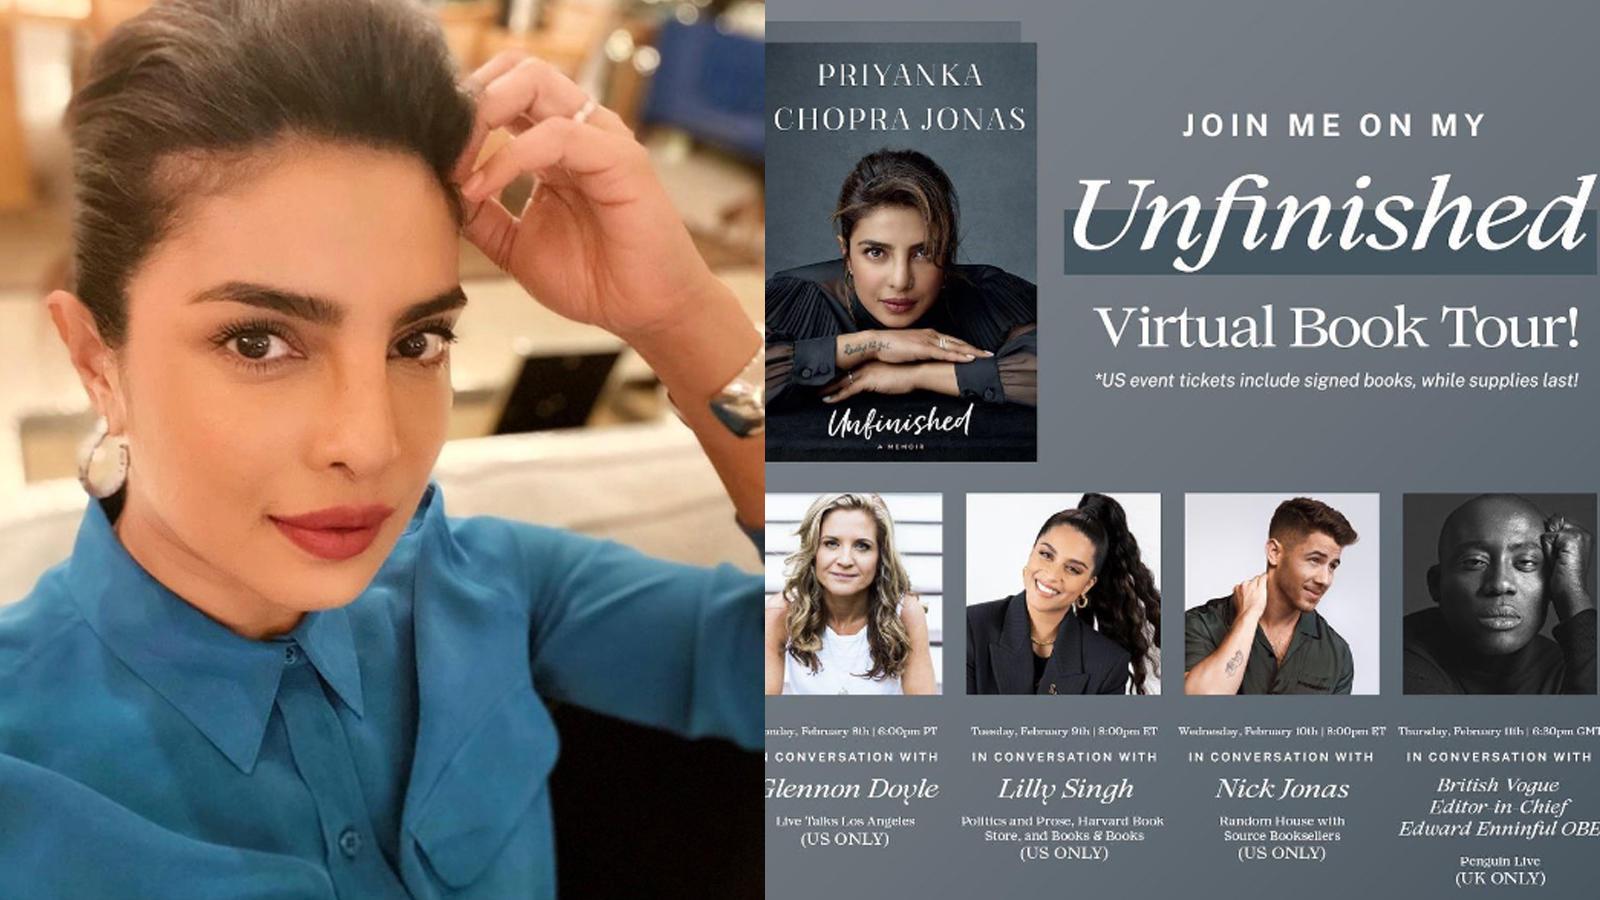 priyanka-chopra-jonas-becomes-an-expert-at-hair-updos-amid-covid-19-pandemic-shares-proof